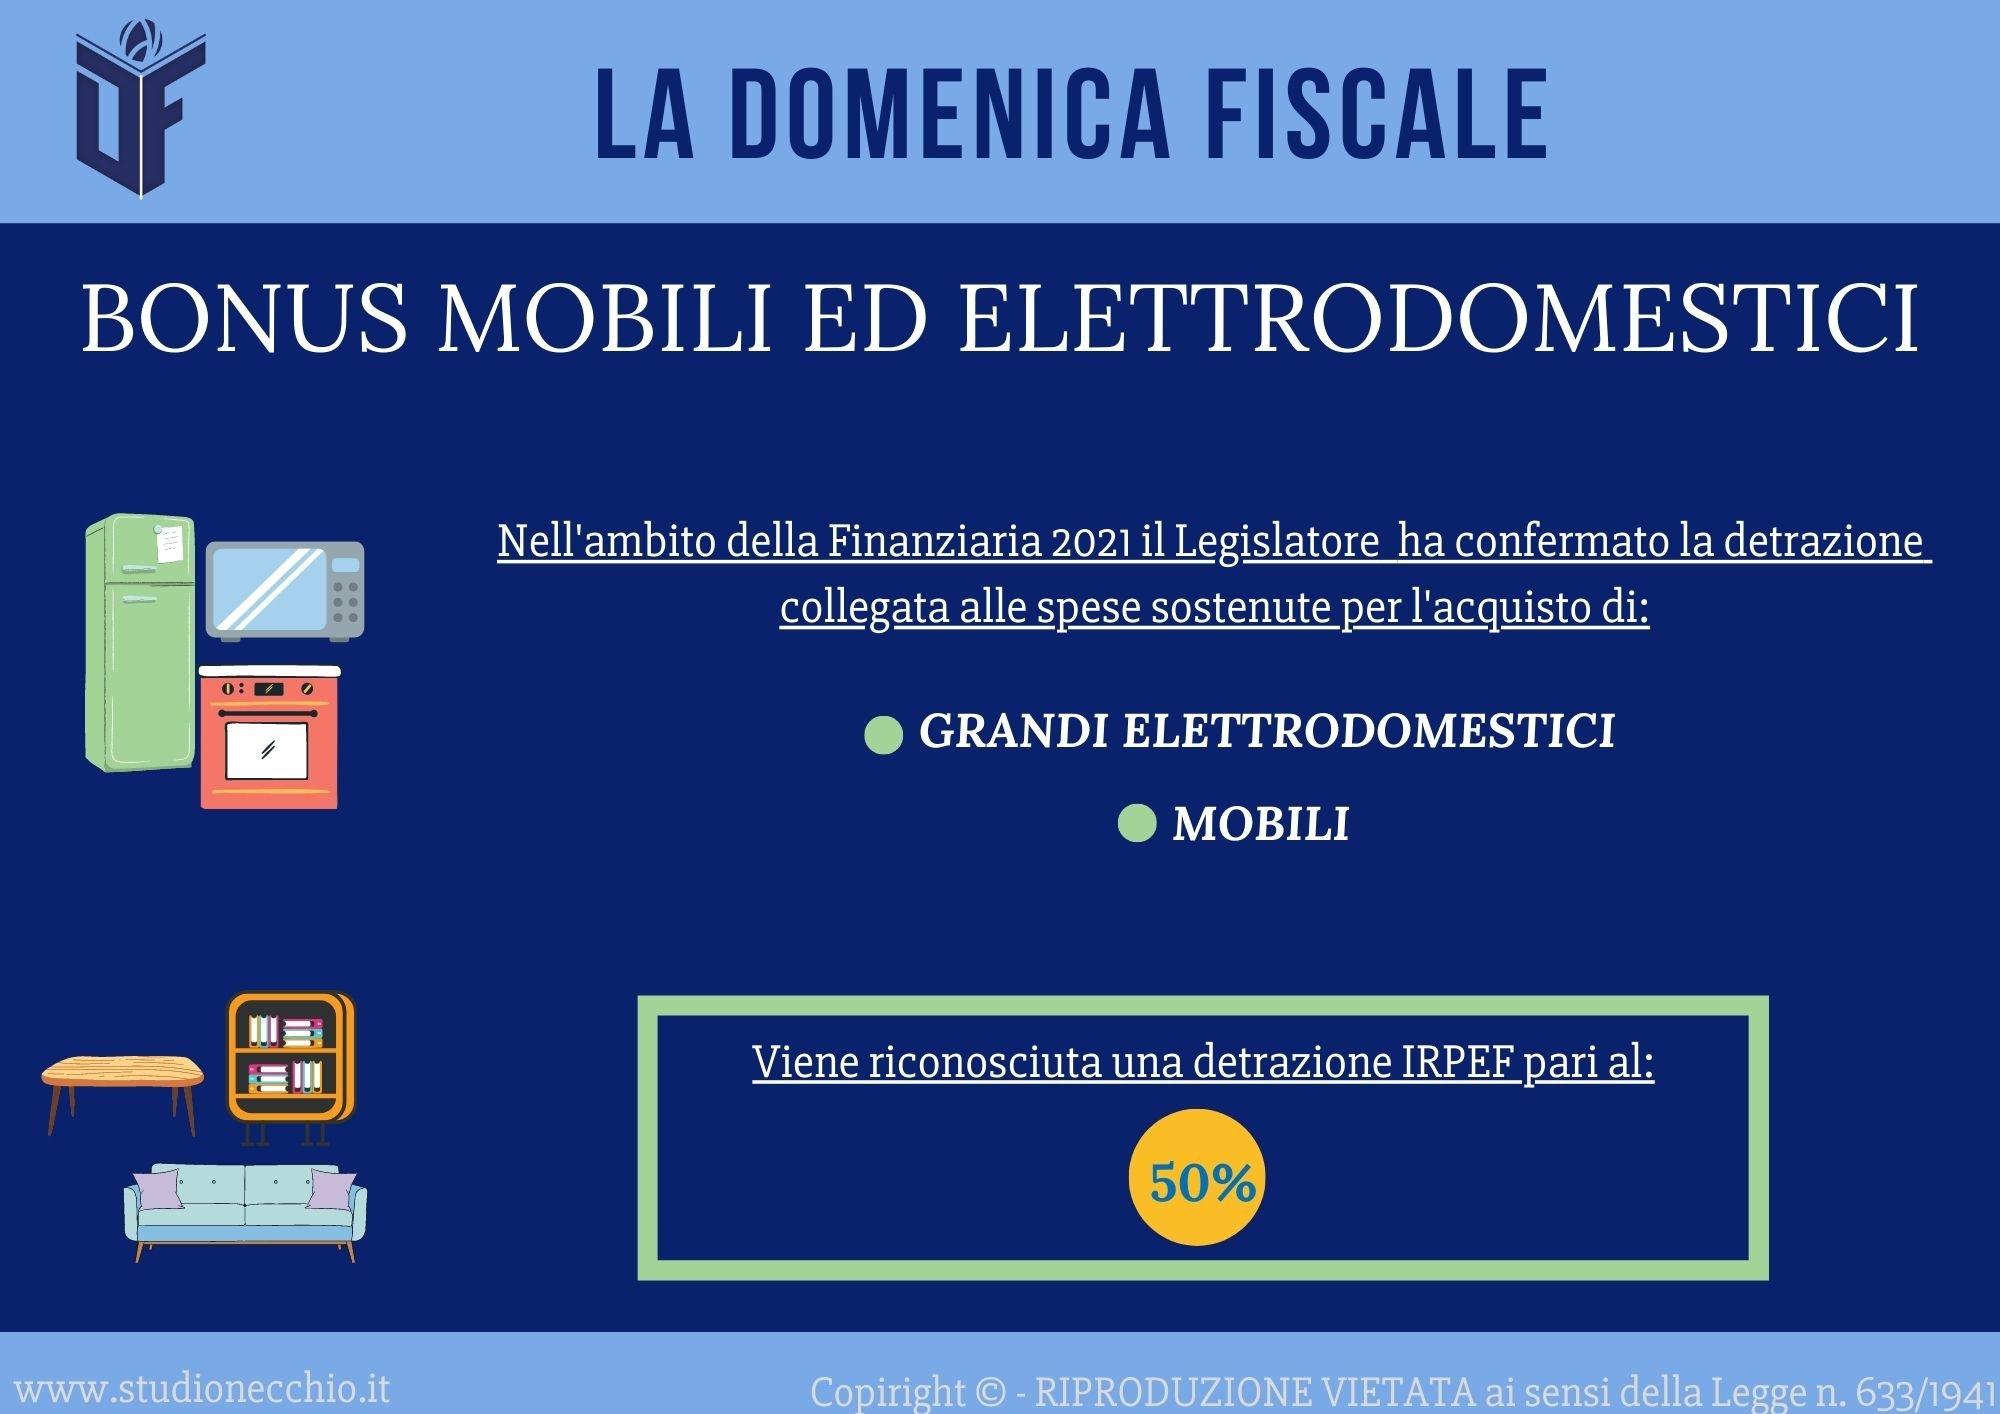 La Domenica Fiscale – BONUS MOBILI ED ELETTRODOMESTICI